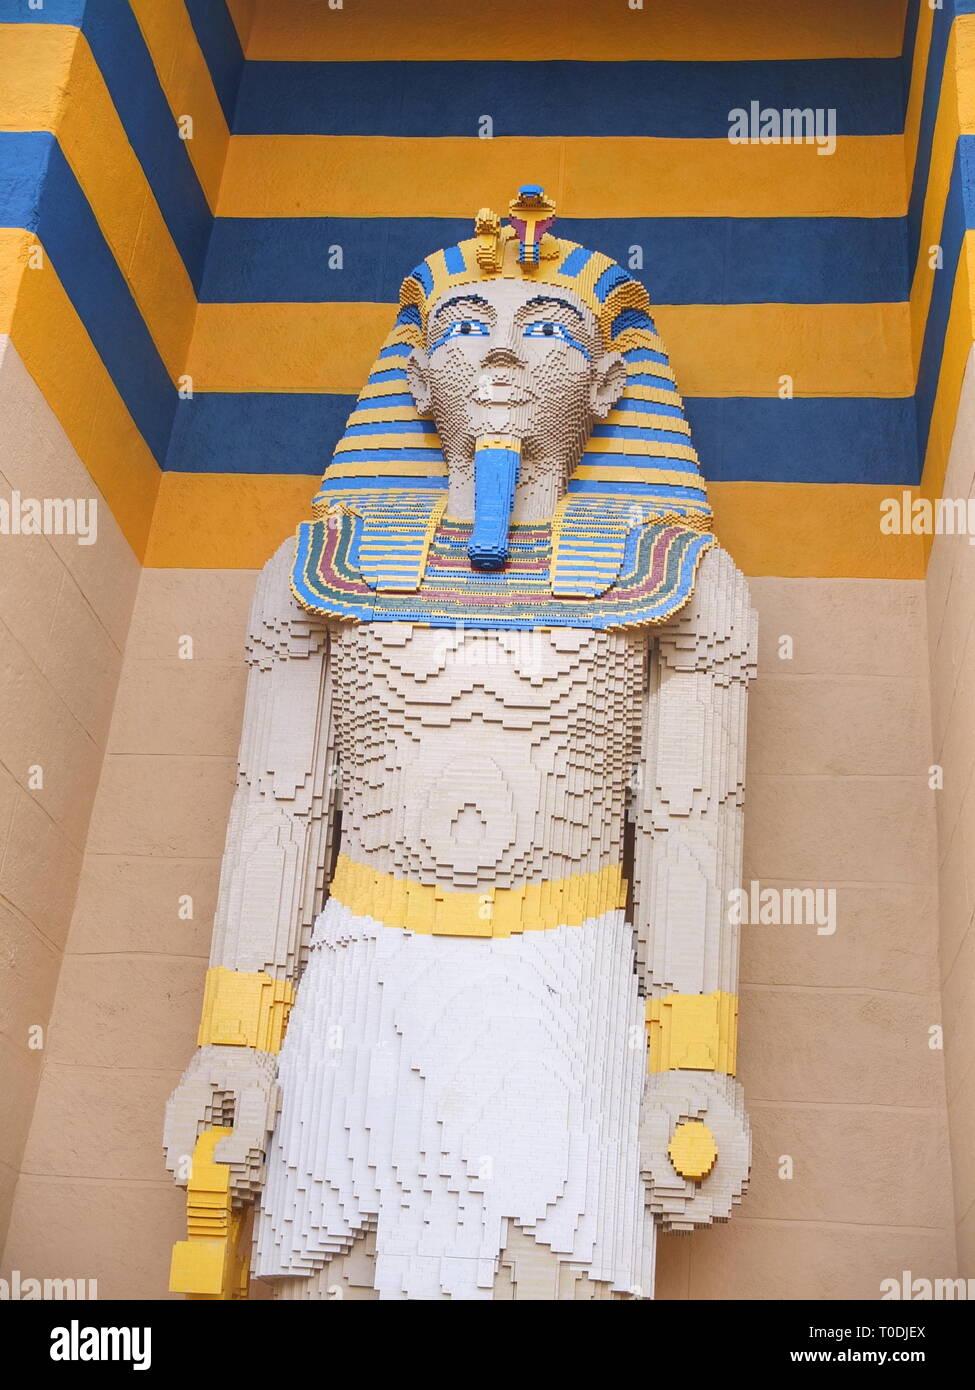 Lego model statue of Tutankhamun in the Kingdom Of The Pharaohs section of LEGOLAND Windsor Resort UK Stock Photo